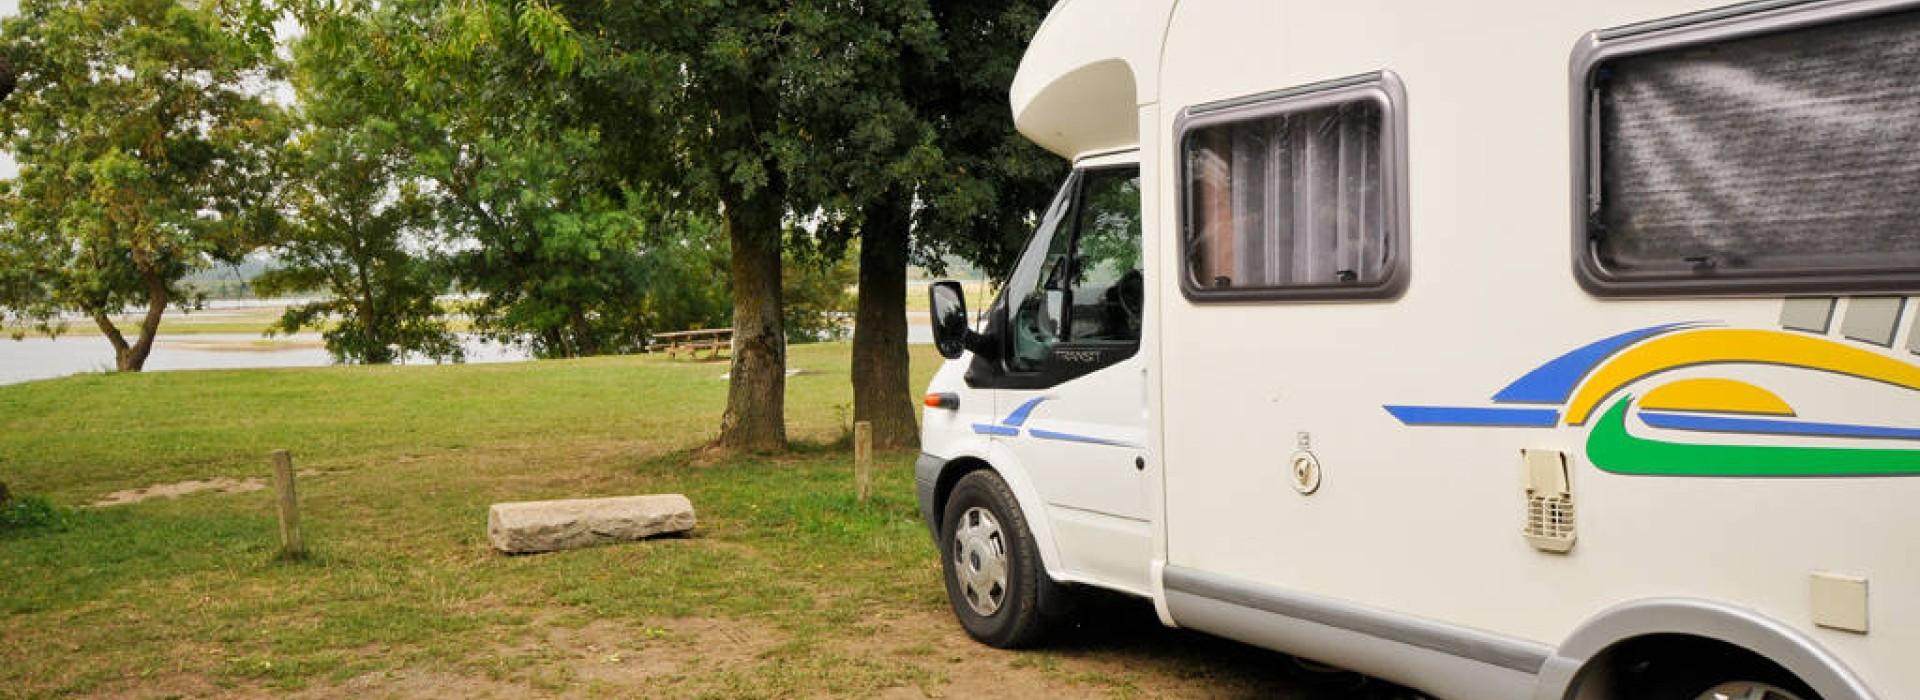 Aire de camping car du port maillard aires de camping car - Aire de stationnement camping car port la nouvelle ...